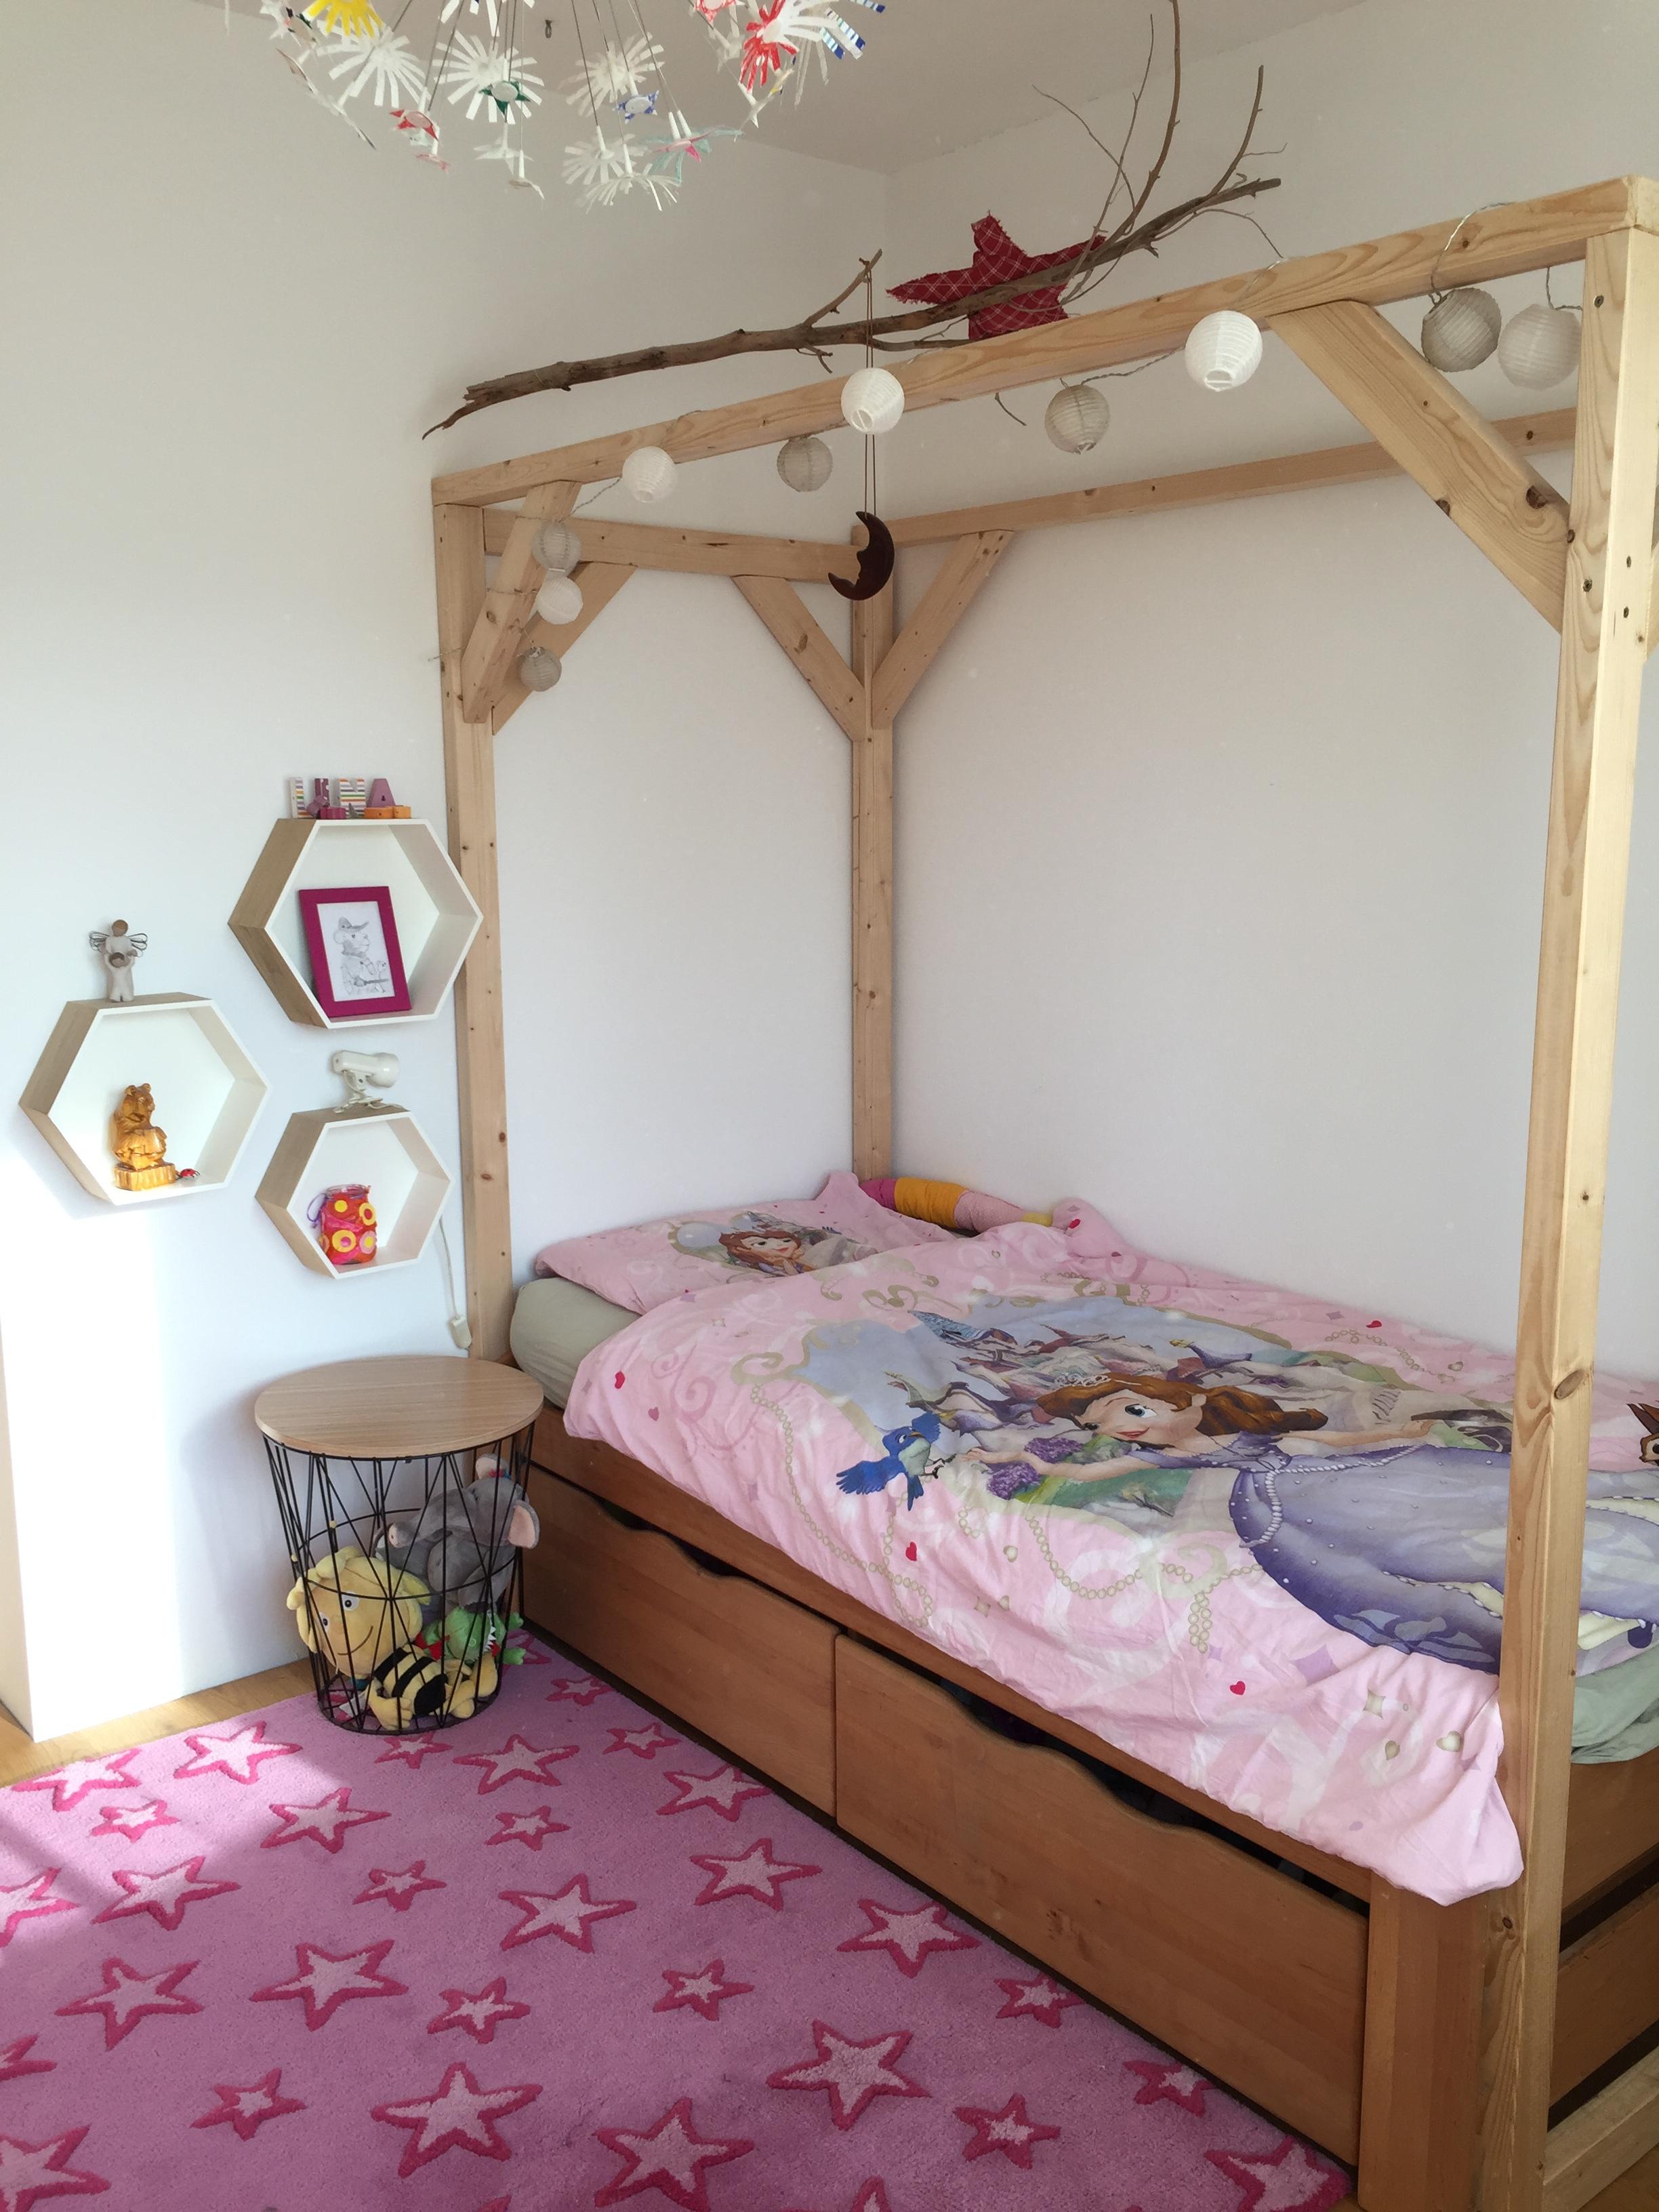 Matratzenlager kinderzimmer  einfach.gemacht // Träum schön - das Geschwisterbett - Haus No.6